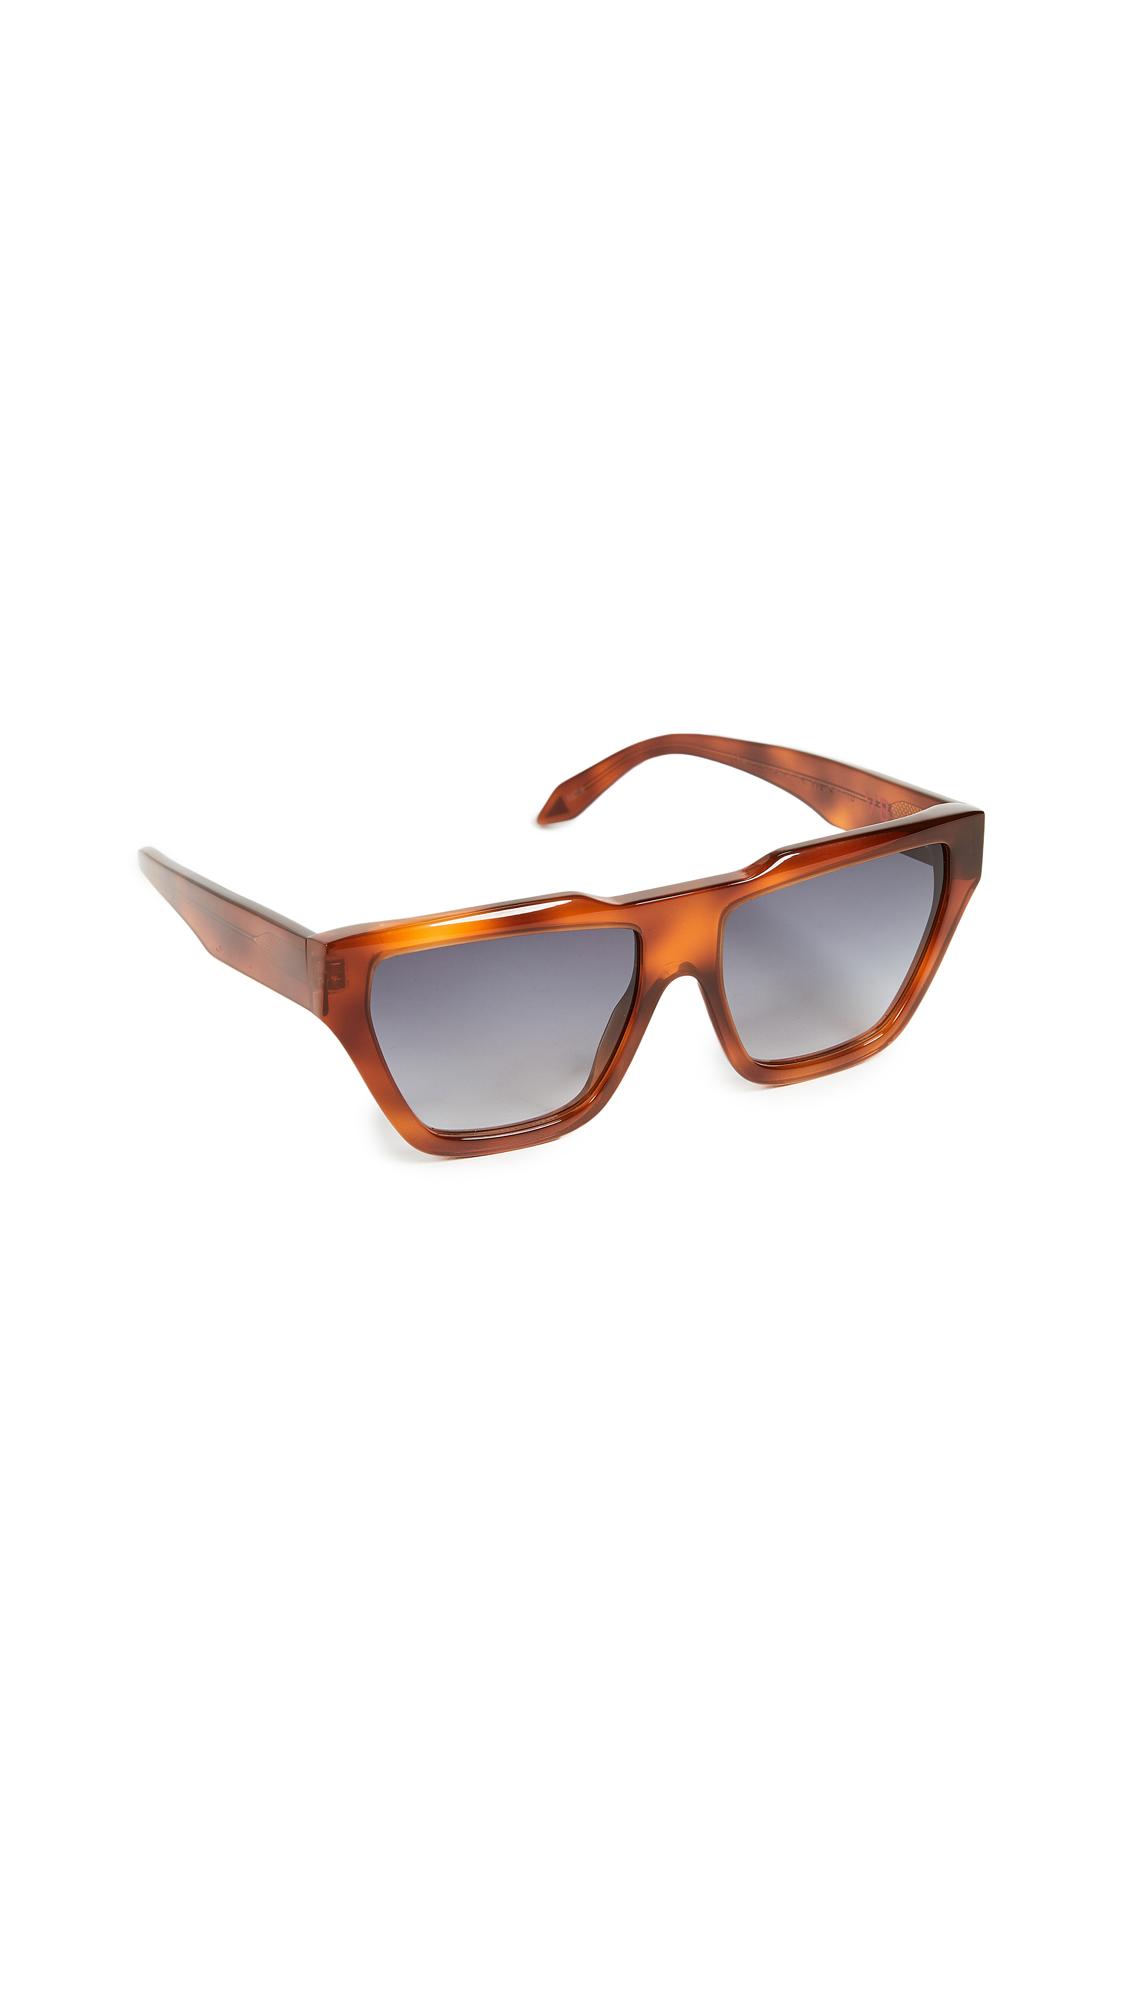 Victoria Beckham Square Cat Sunglasses - Vintage Tort